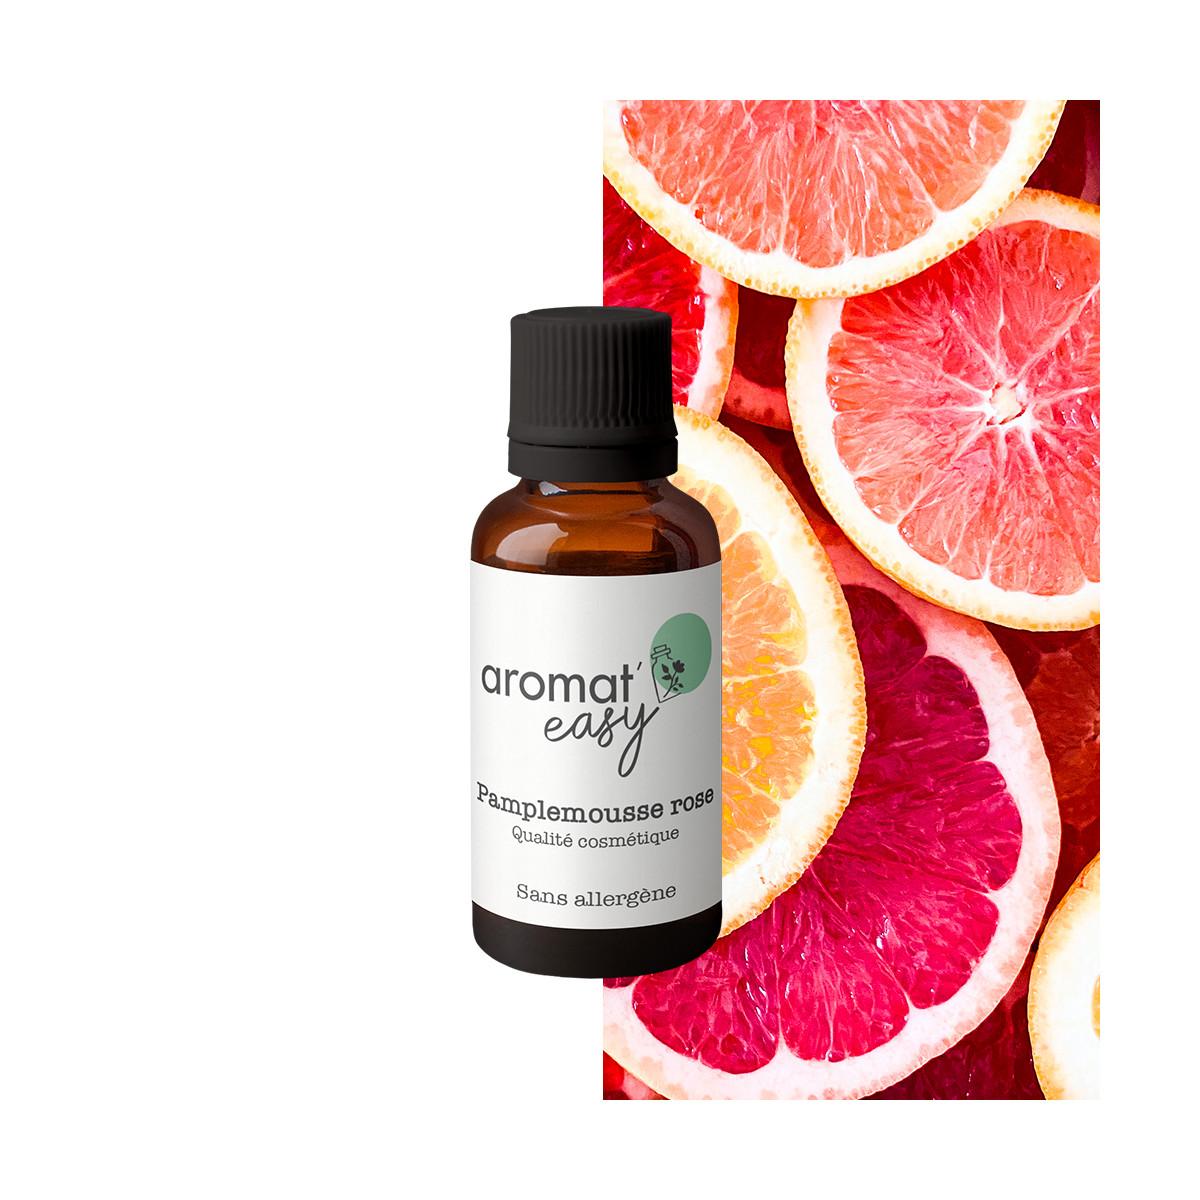 Fragrance Pamplemousse rose - Sans allergène